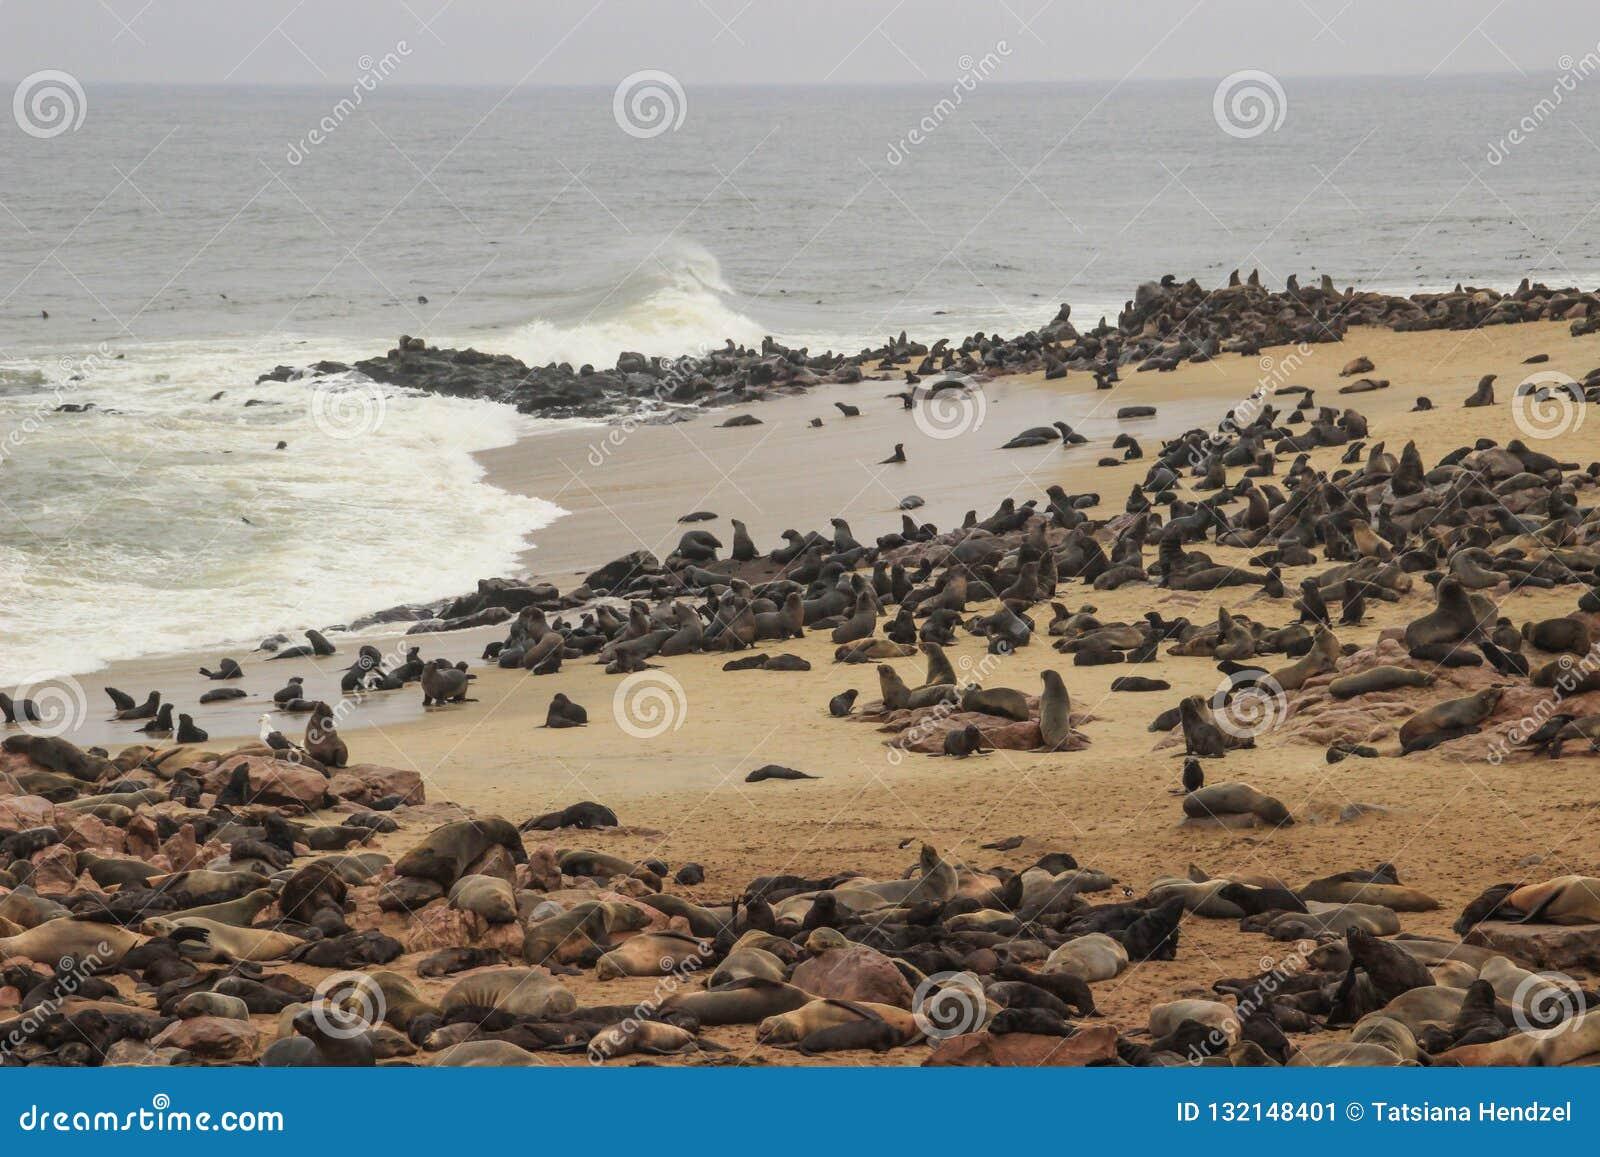 Nette Dichtungen scherzen auf die Ufer des Atlantiks in Namibia